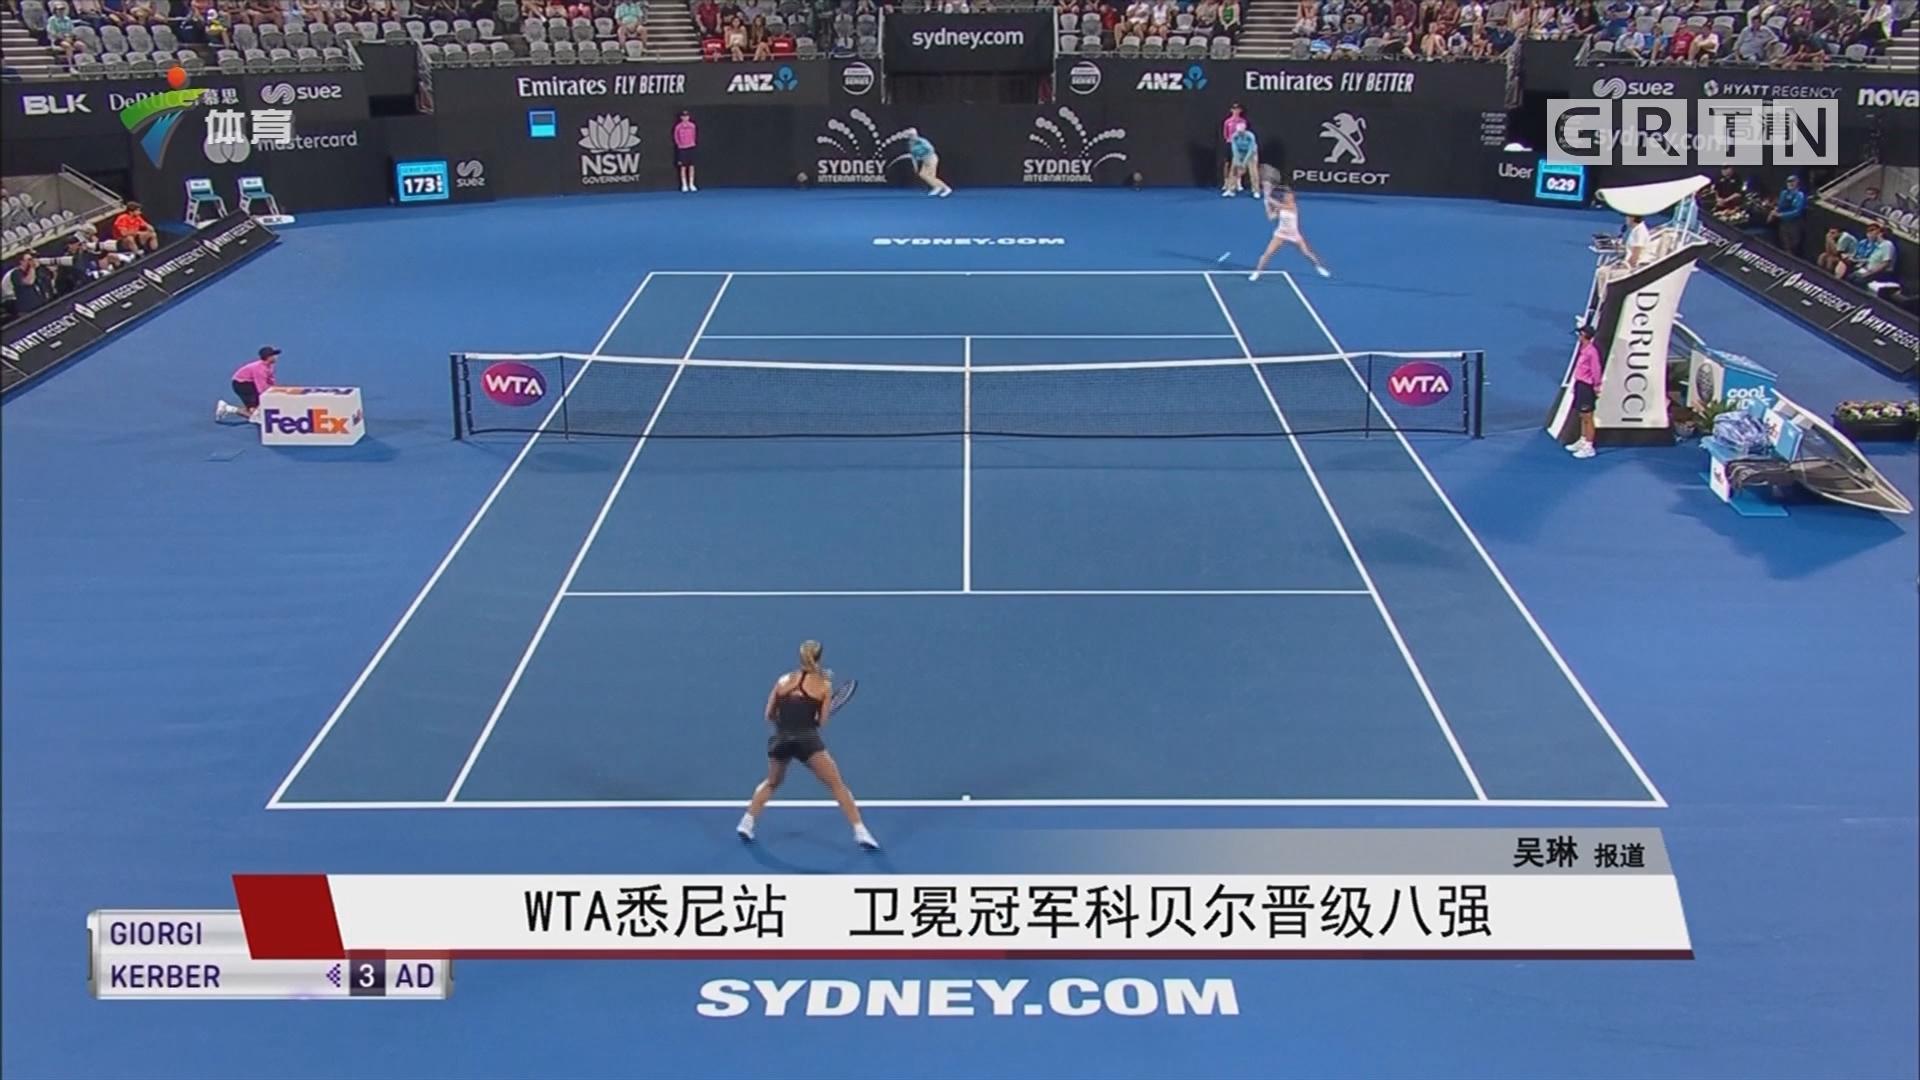 WTA悉尼站 卫冕冠军科贝尔晋级八强